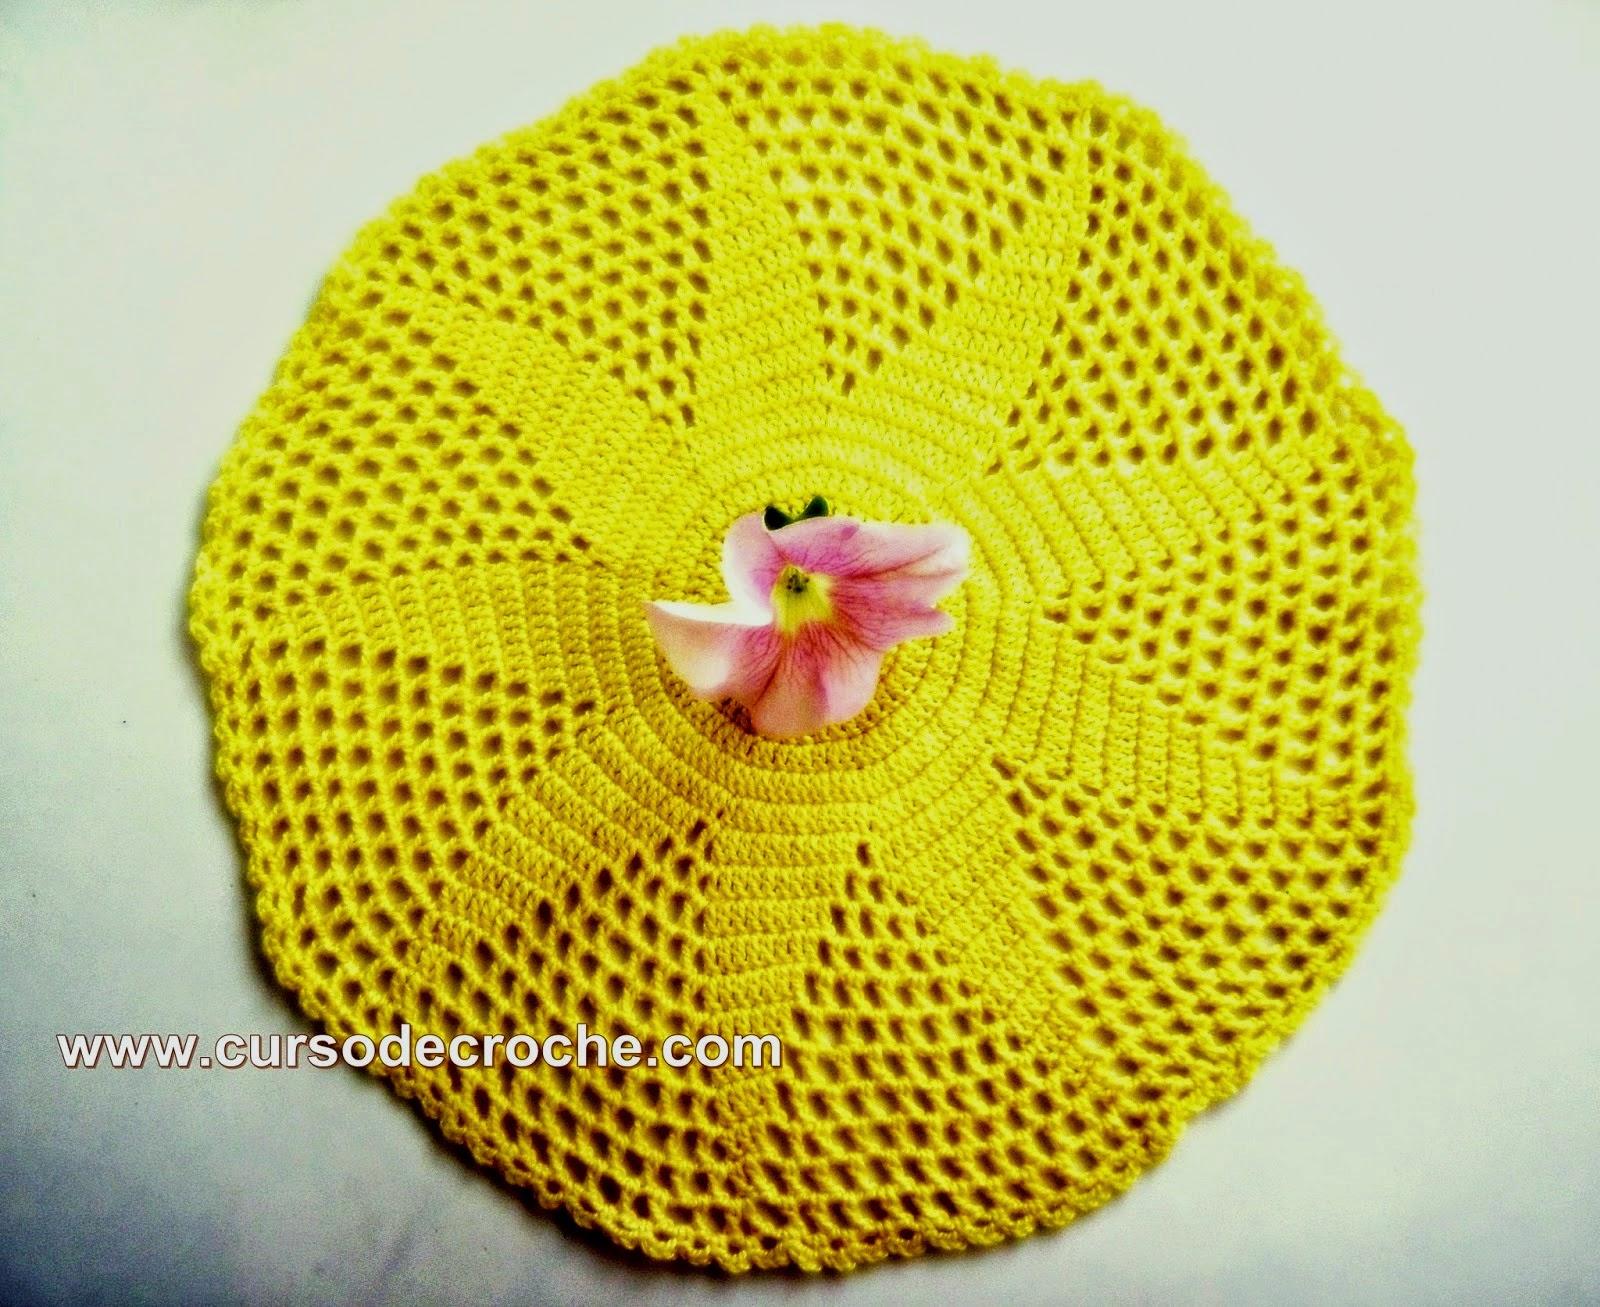 aprender croche toalhinhas toalhas dvd amarelo video aulas loja curso de croche frete gratis